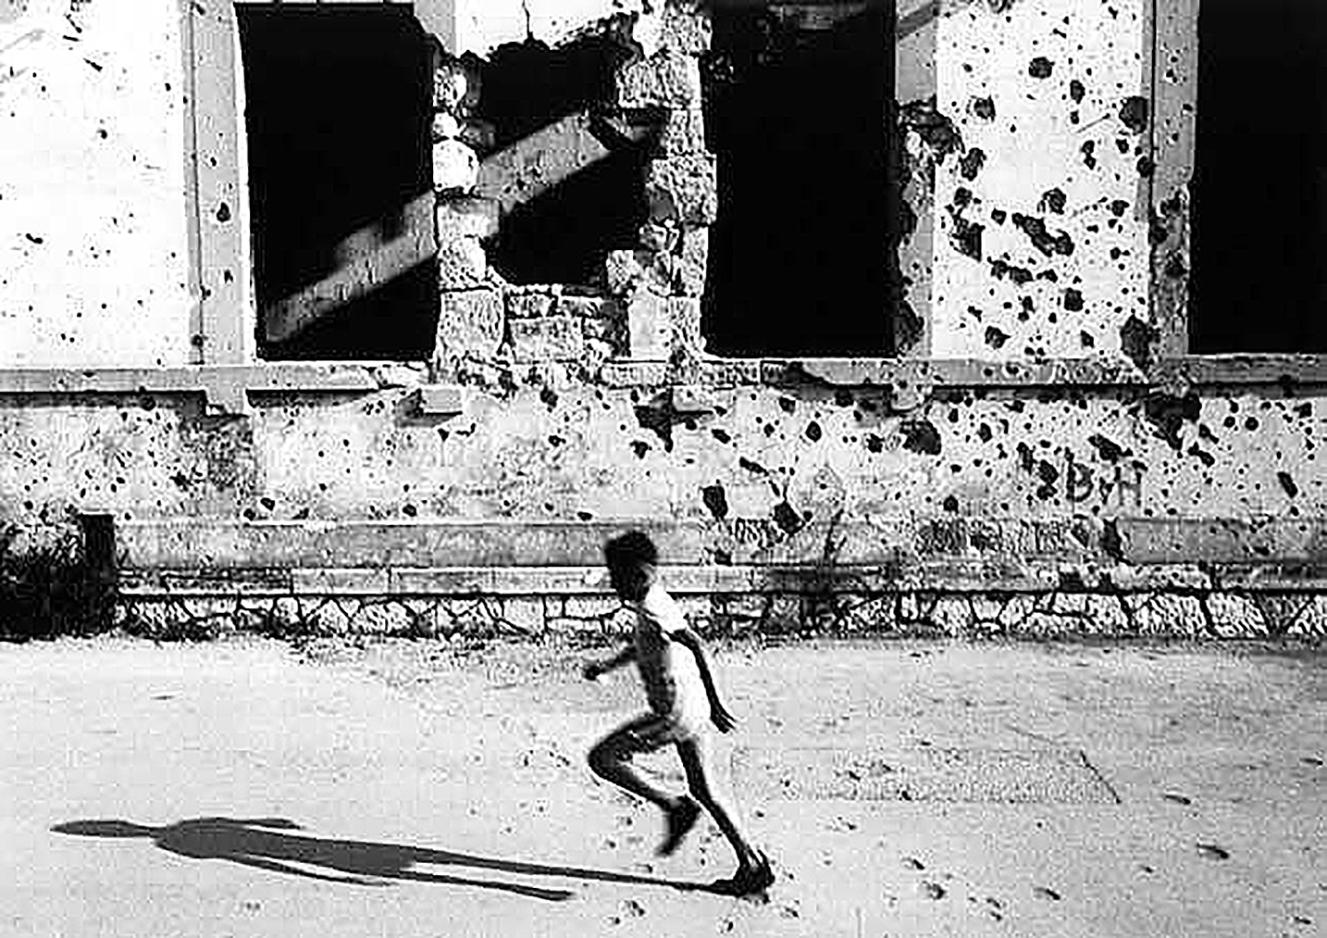 mostar-child-running.jpg